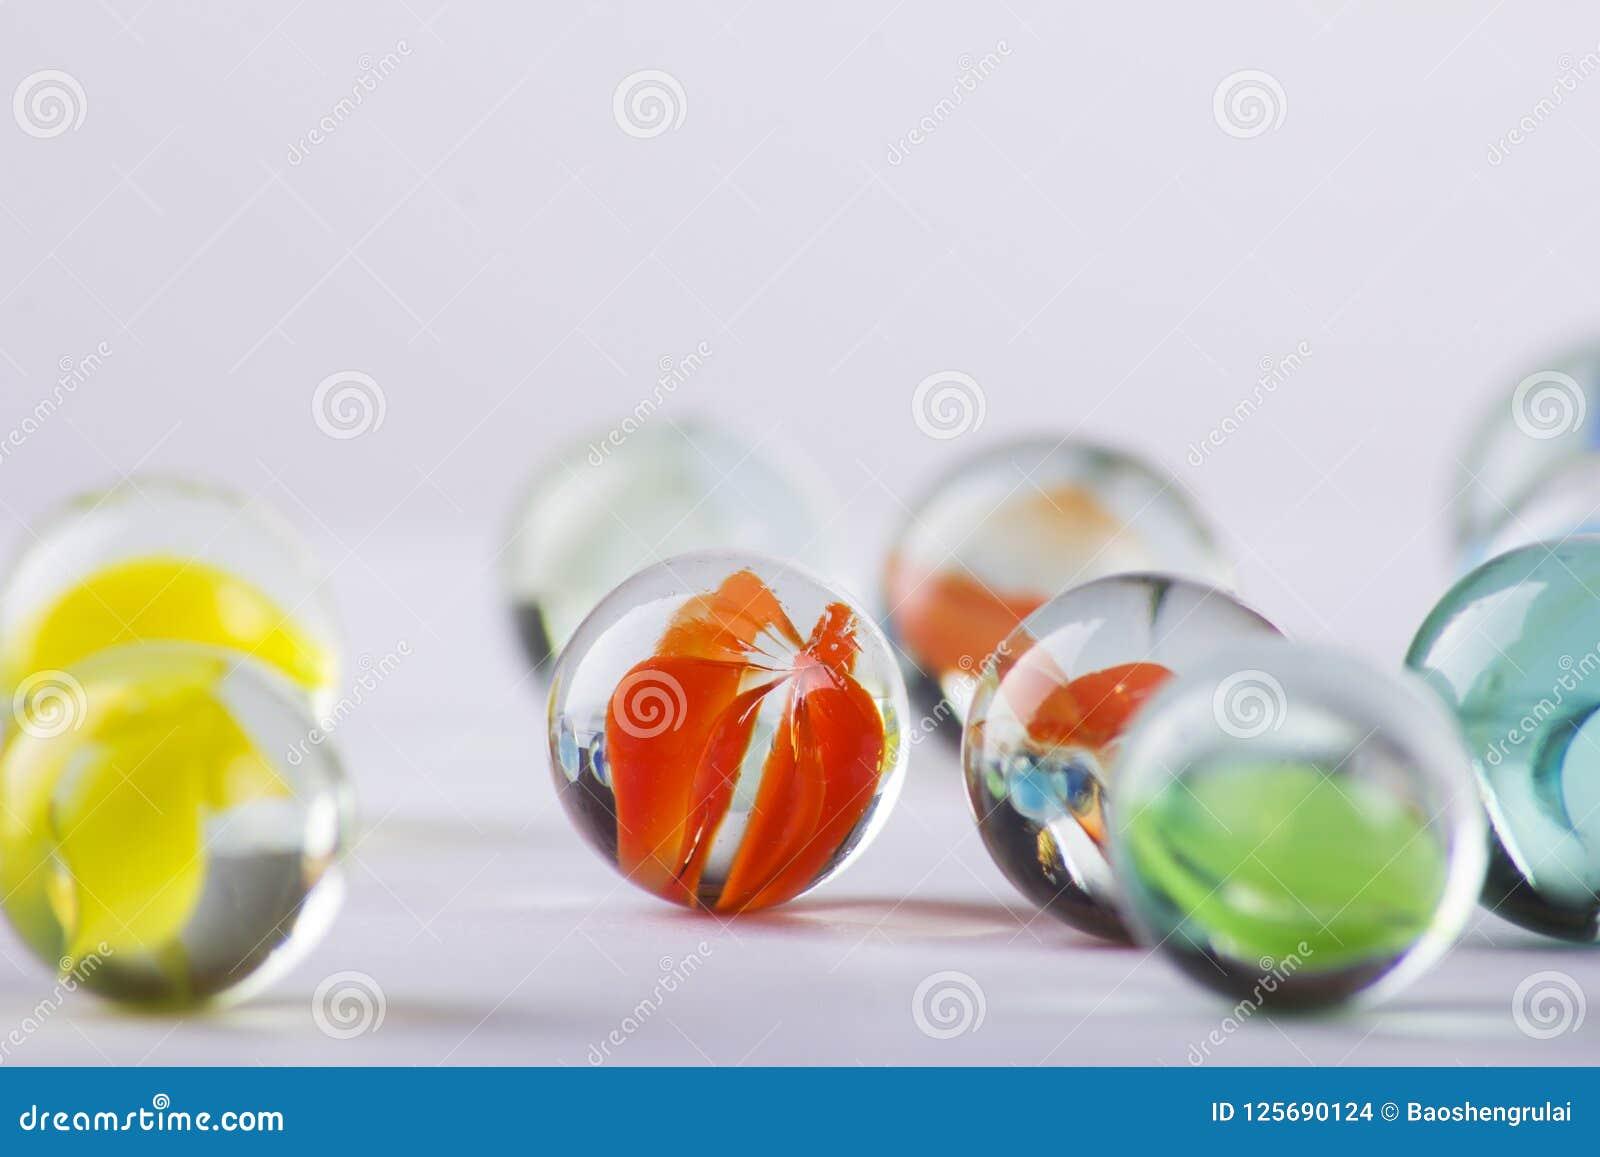 Närbild för glass pärla för färg